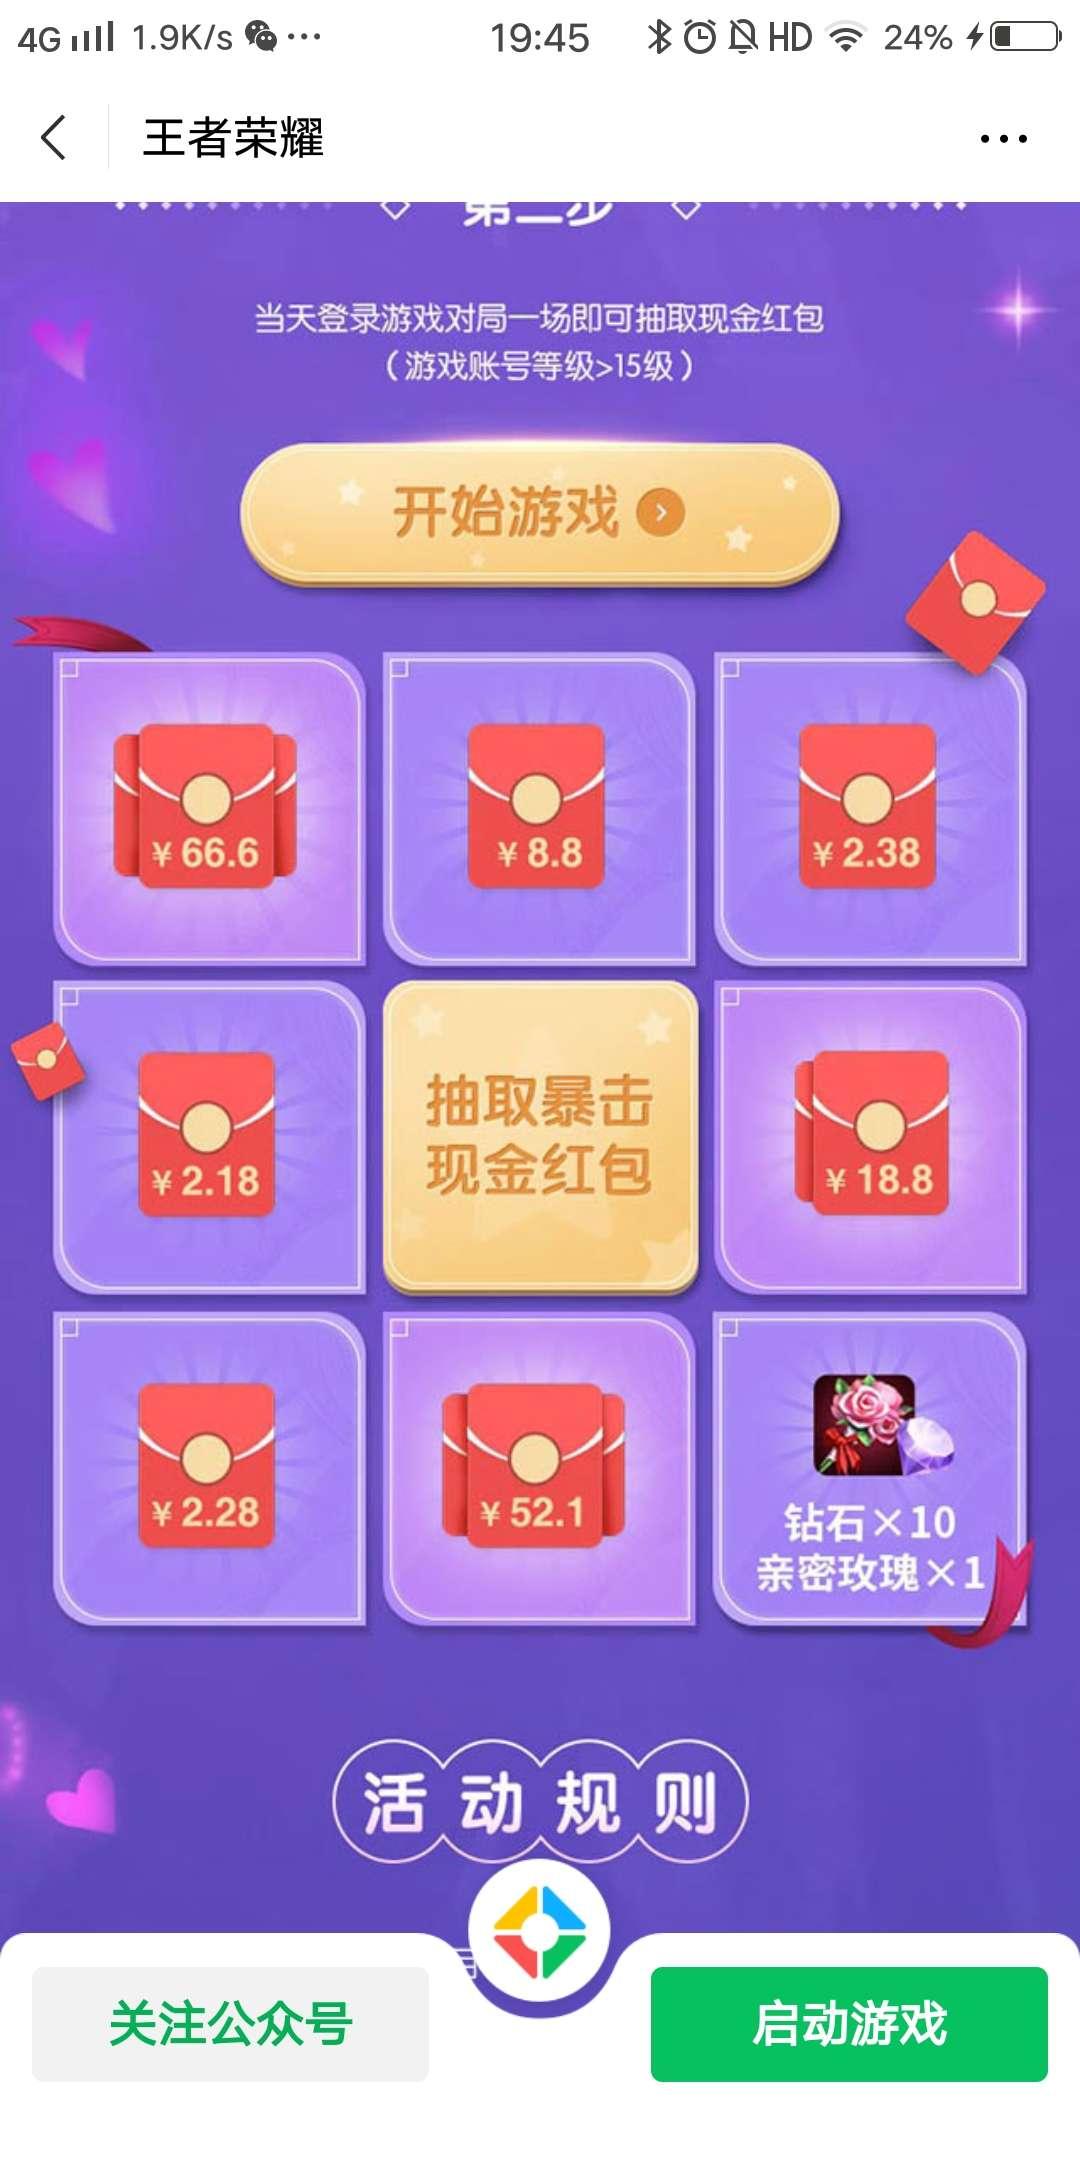 图片[2]-王者荣耀微信区抽现金红包-老友薅羊毛活动线报网